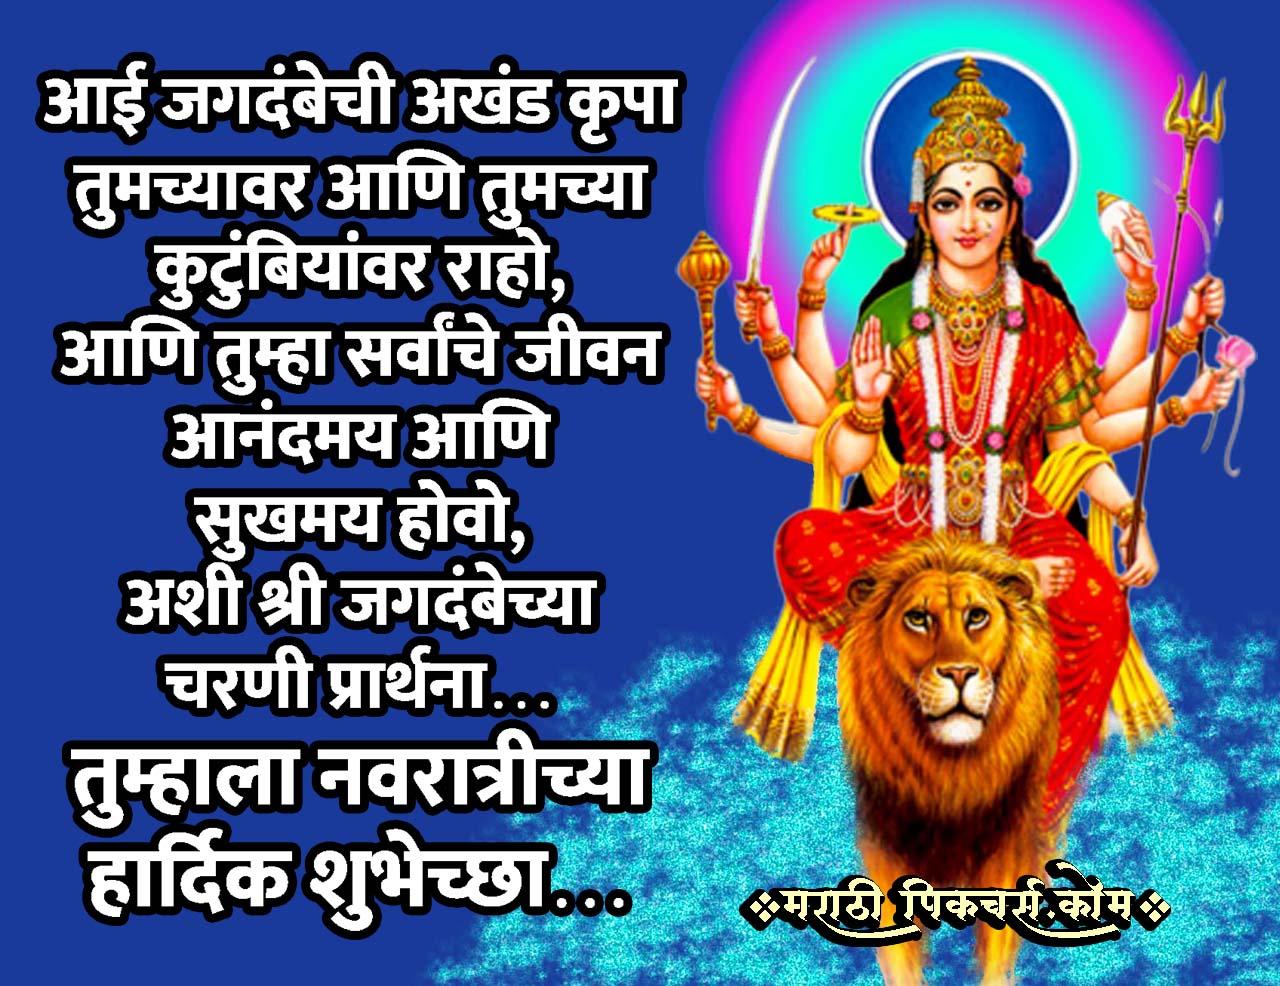 Navratri Chya Hardik Shubhechha - Marathi Pictures ... Vadhdivas Chya Hardik Shubhechha